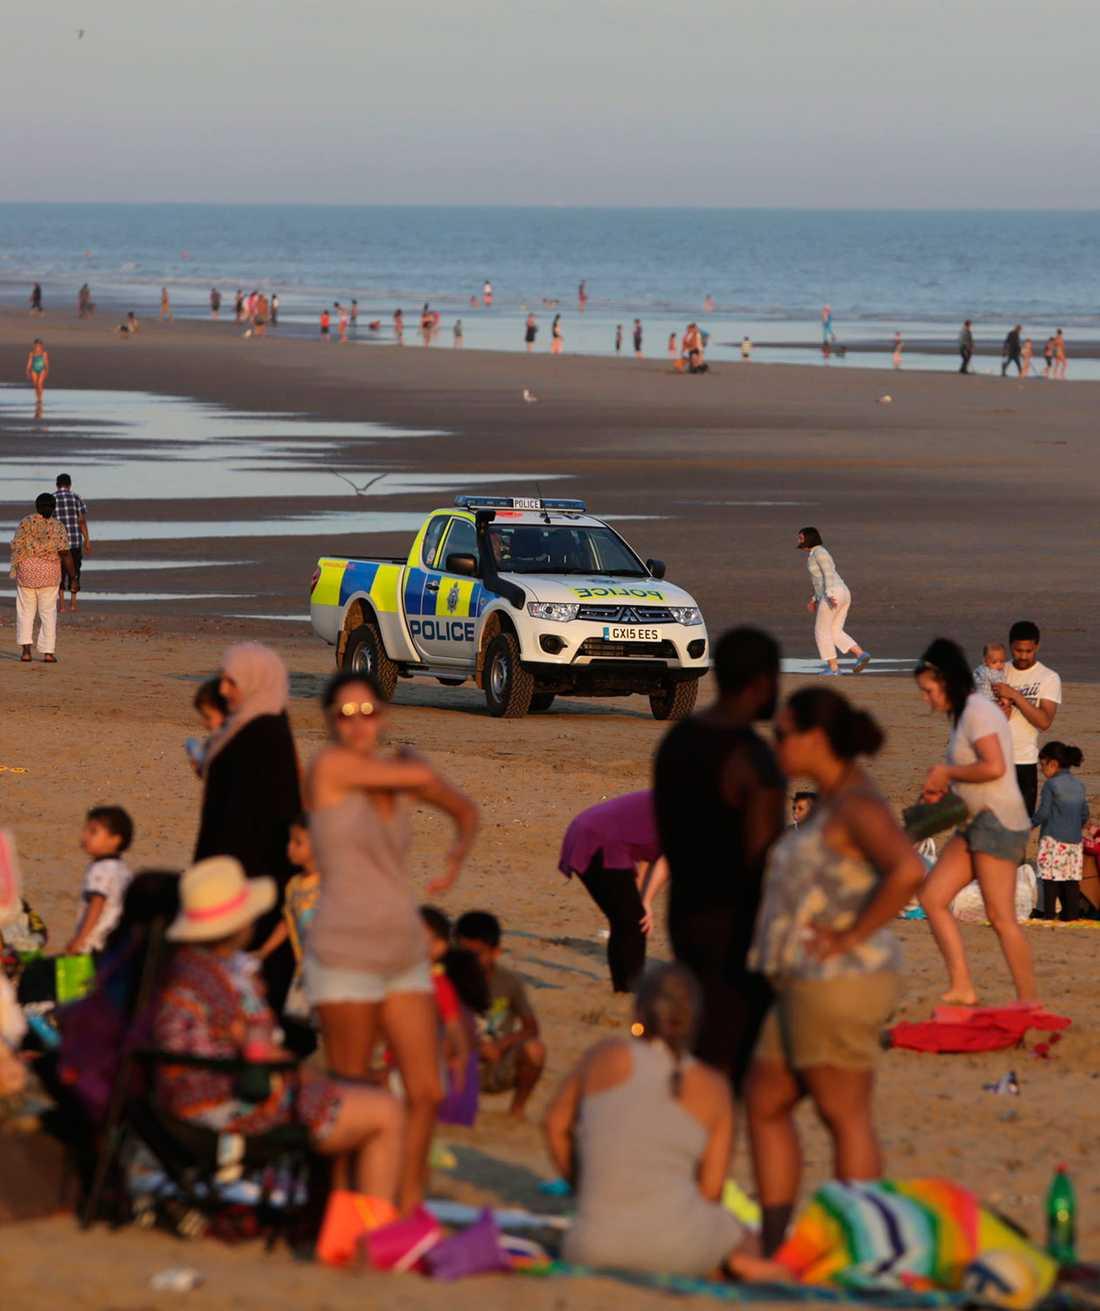 Fem personer drunknade vid stranden Camber Sands i England.